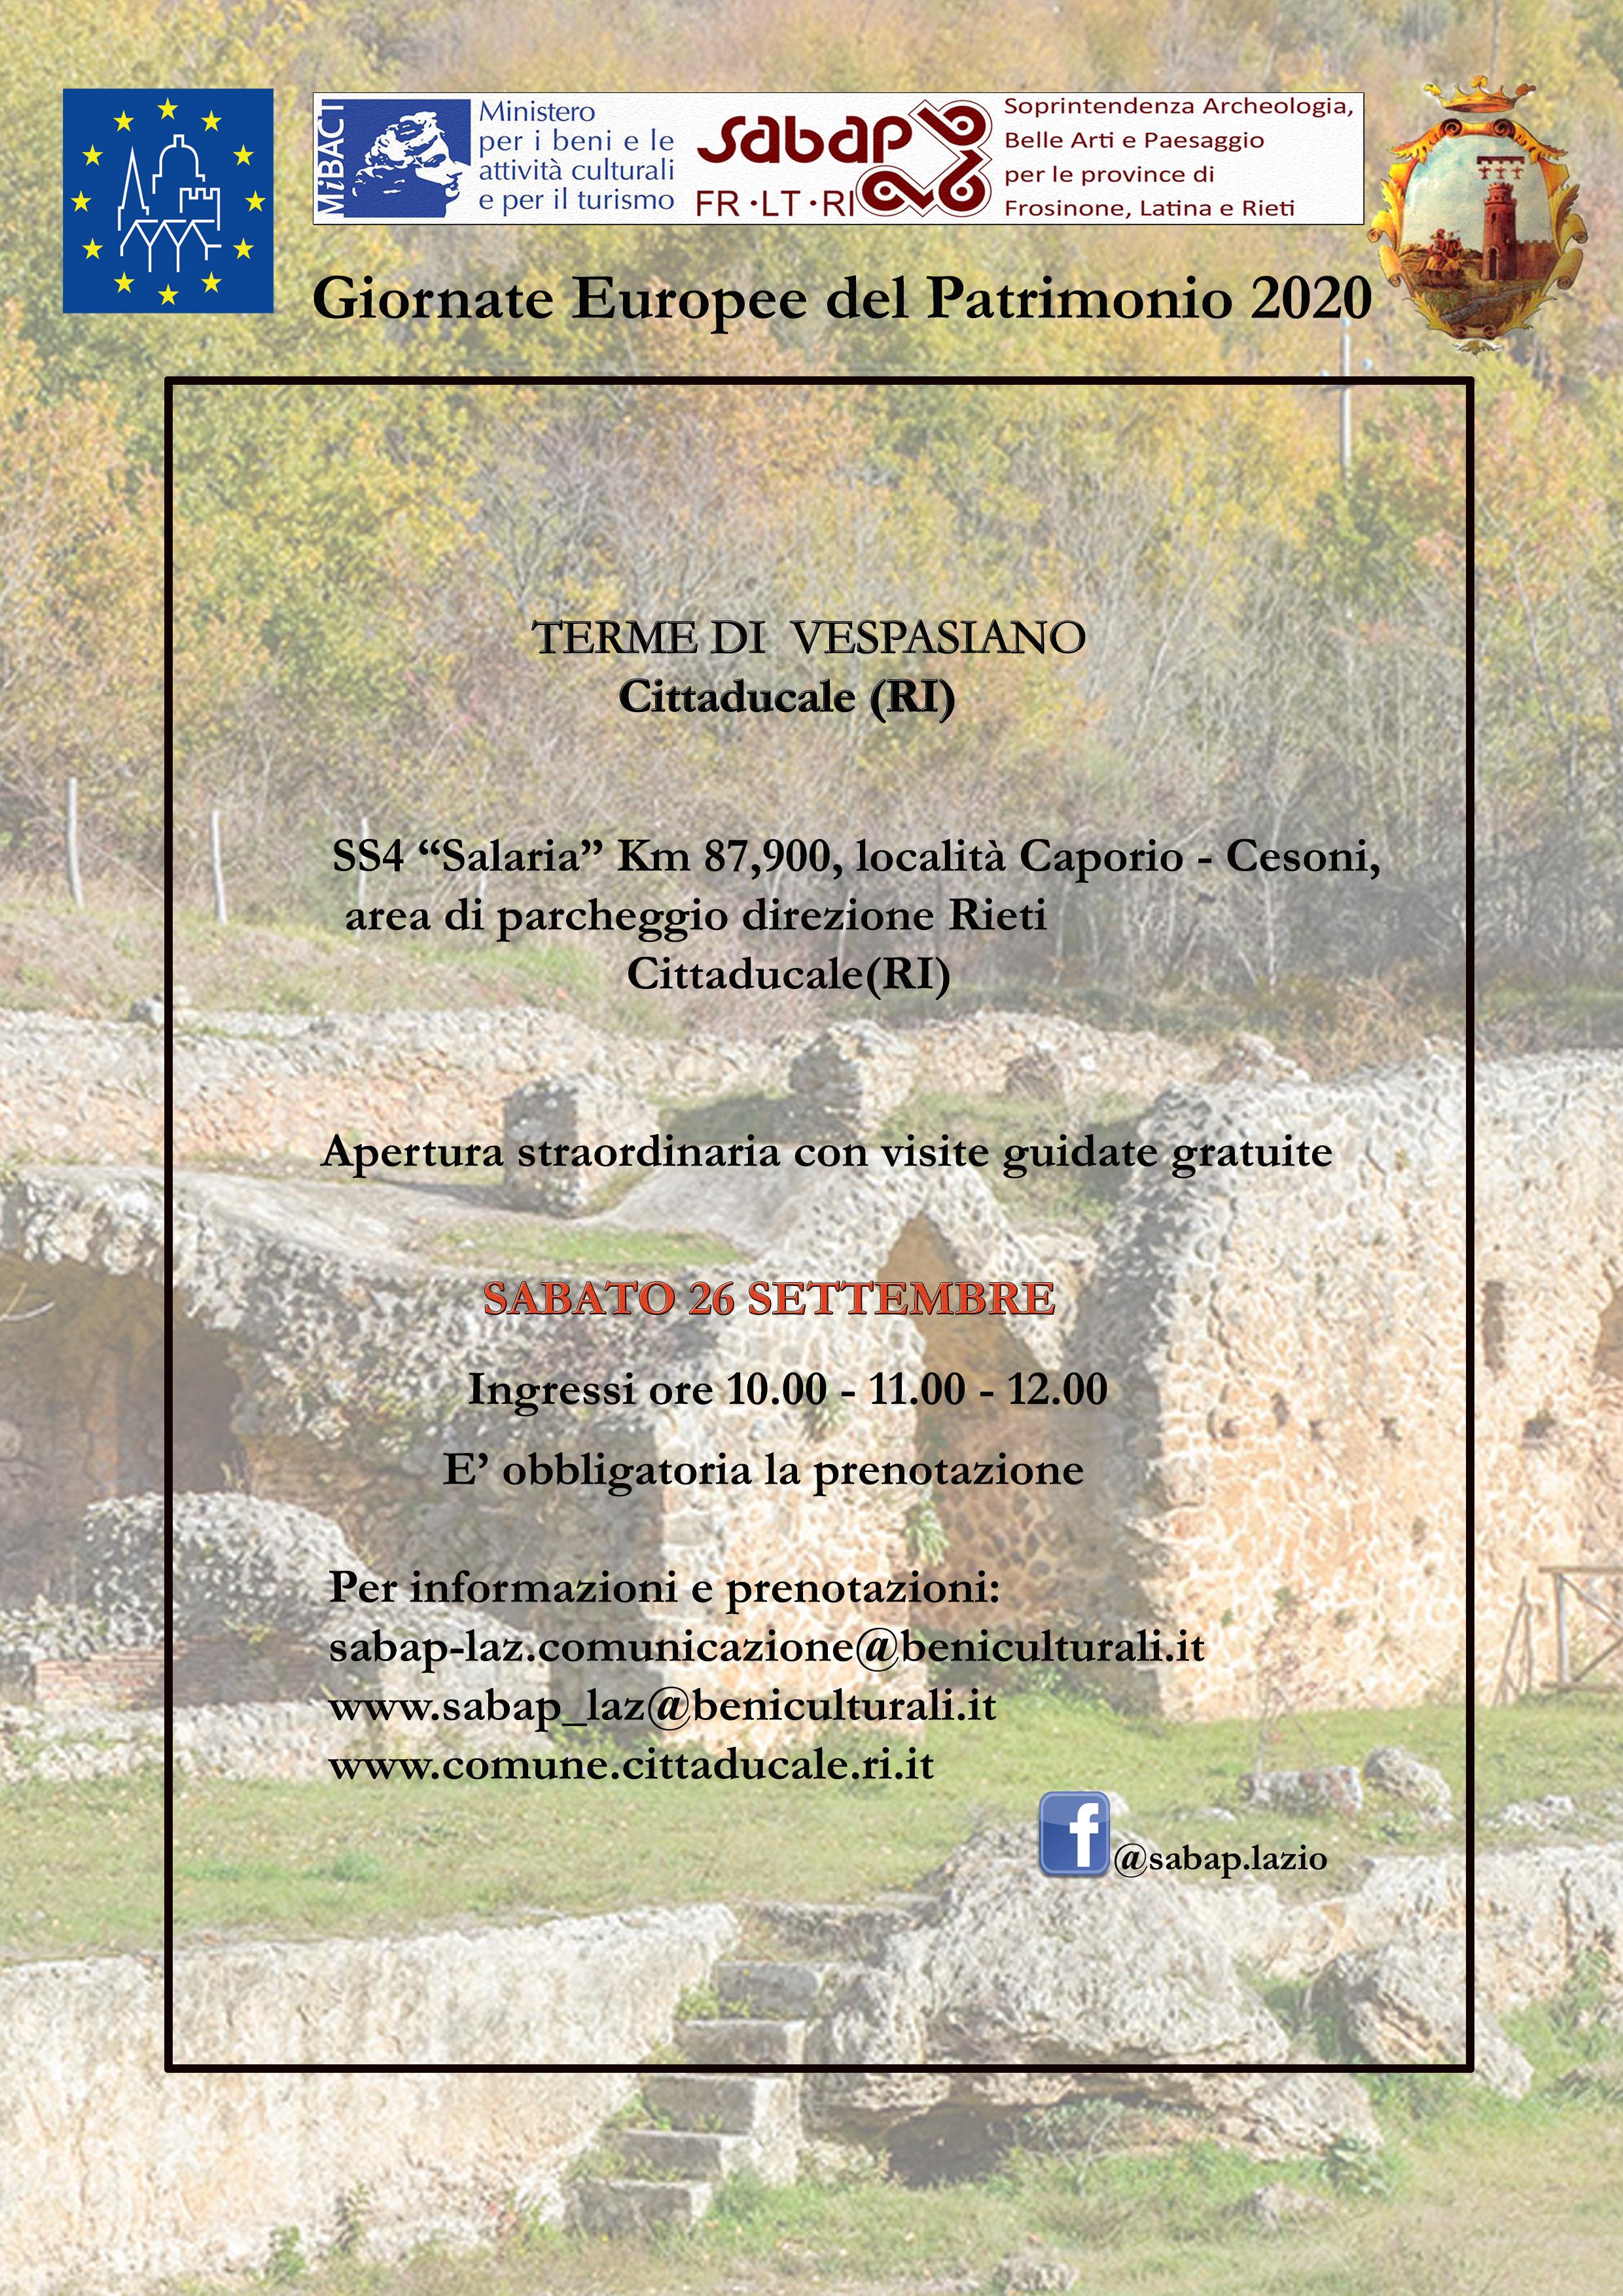 Apertura straordinaria delle Terme di Vespasiano a Cittaducale